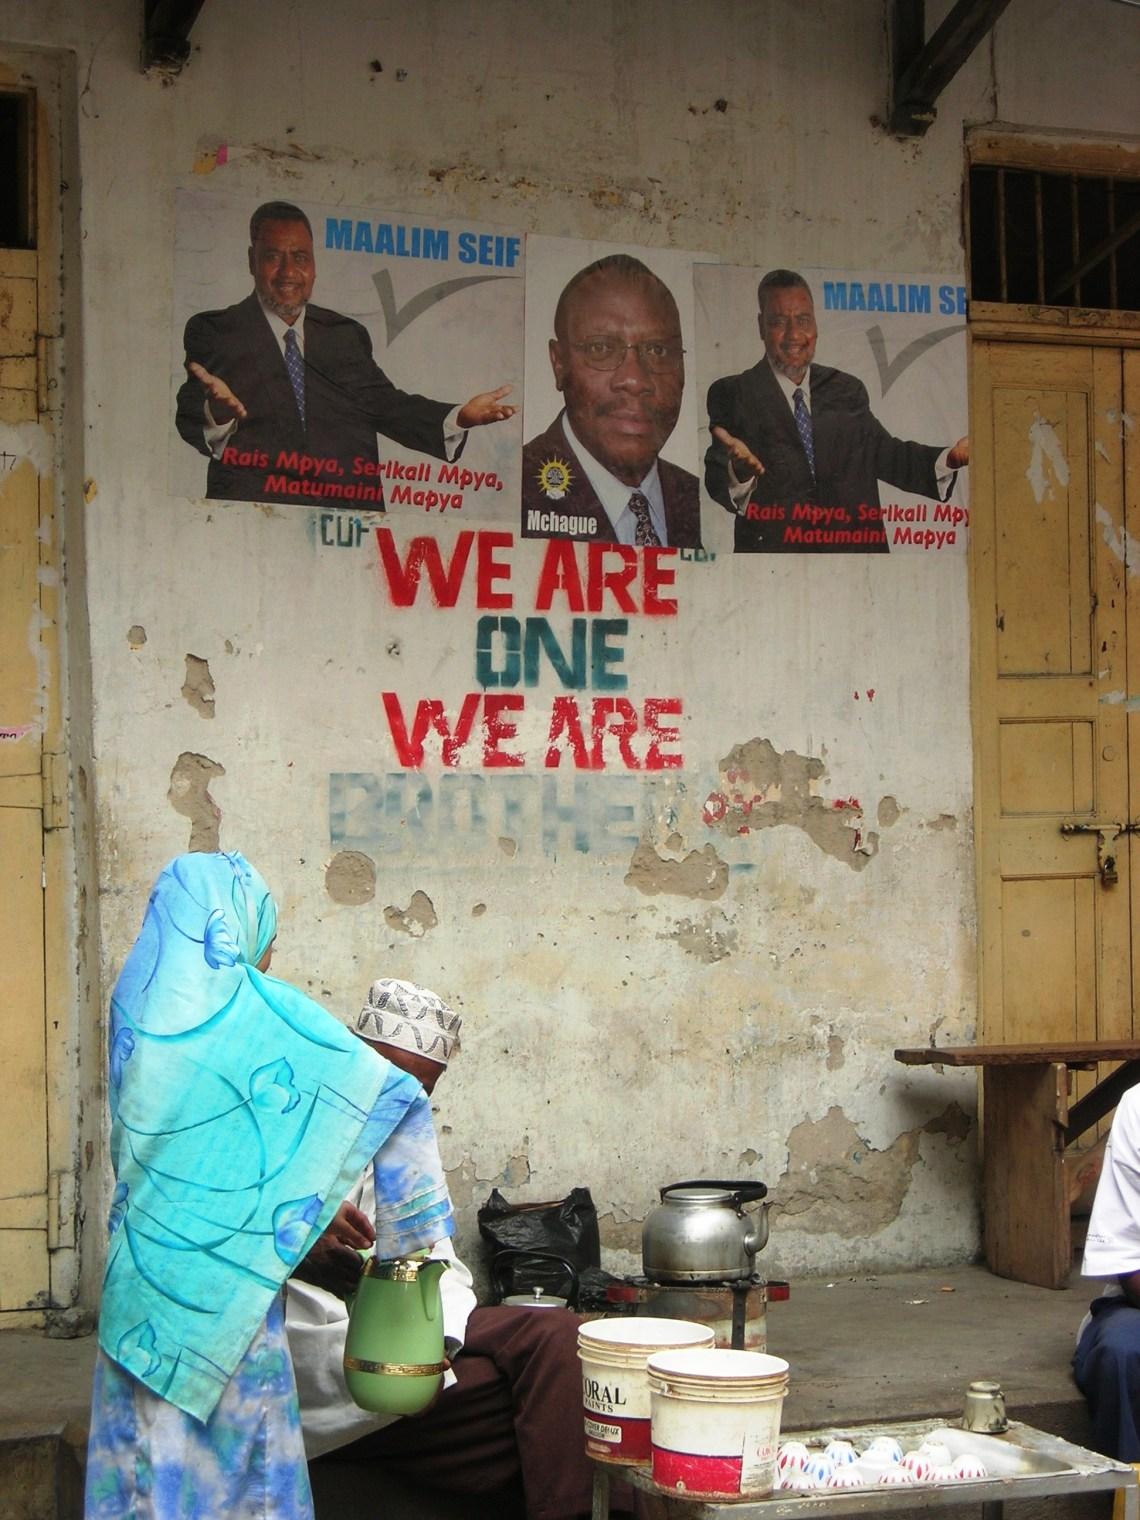 maalim seif zanzibar political campaign